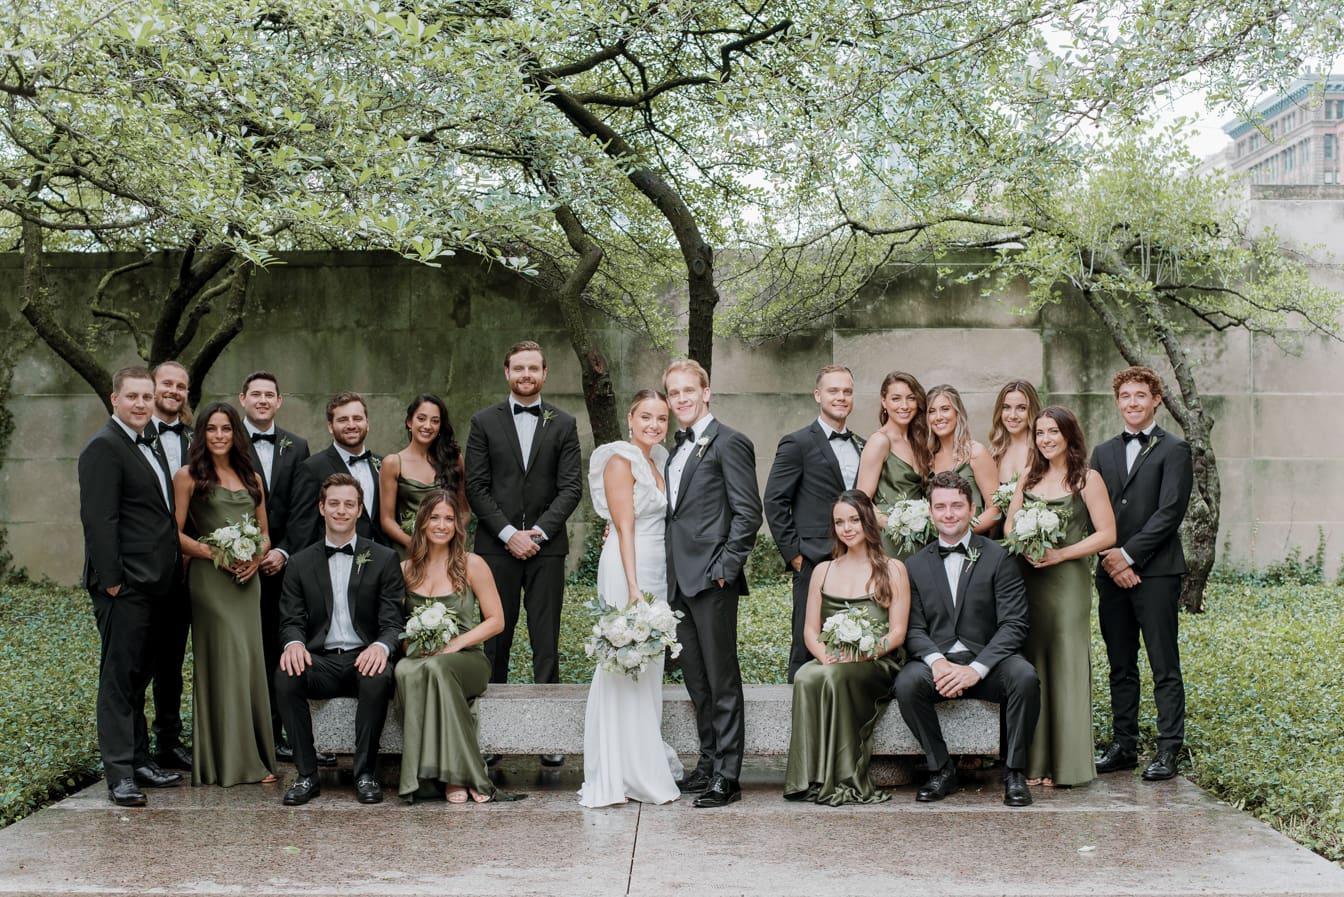 Wedding Party at Chicago Art Institute Garden